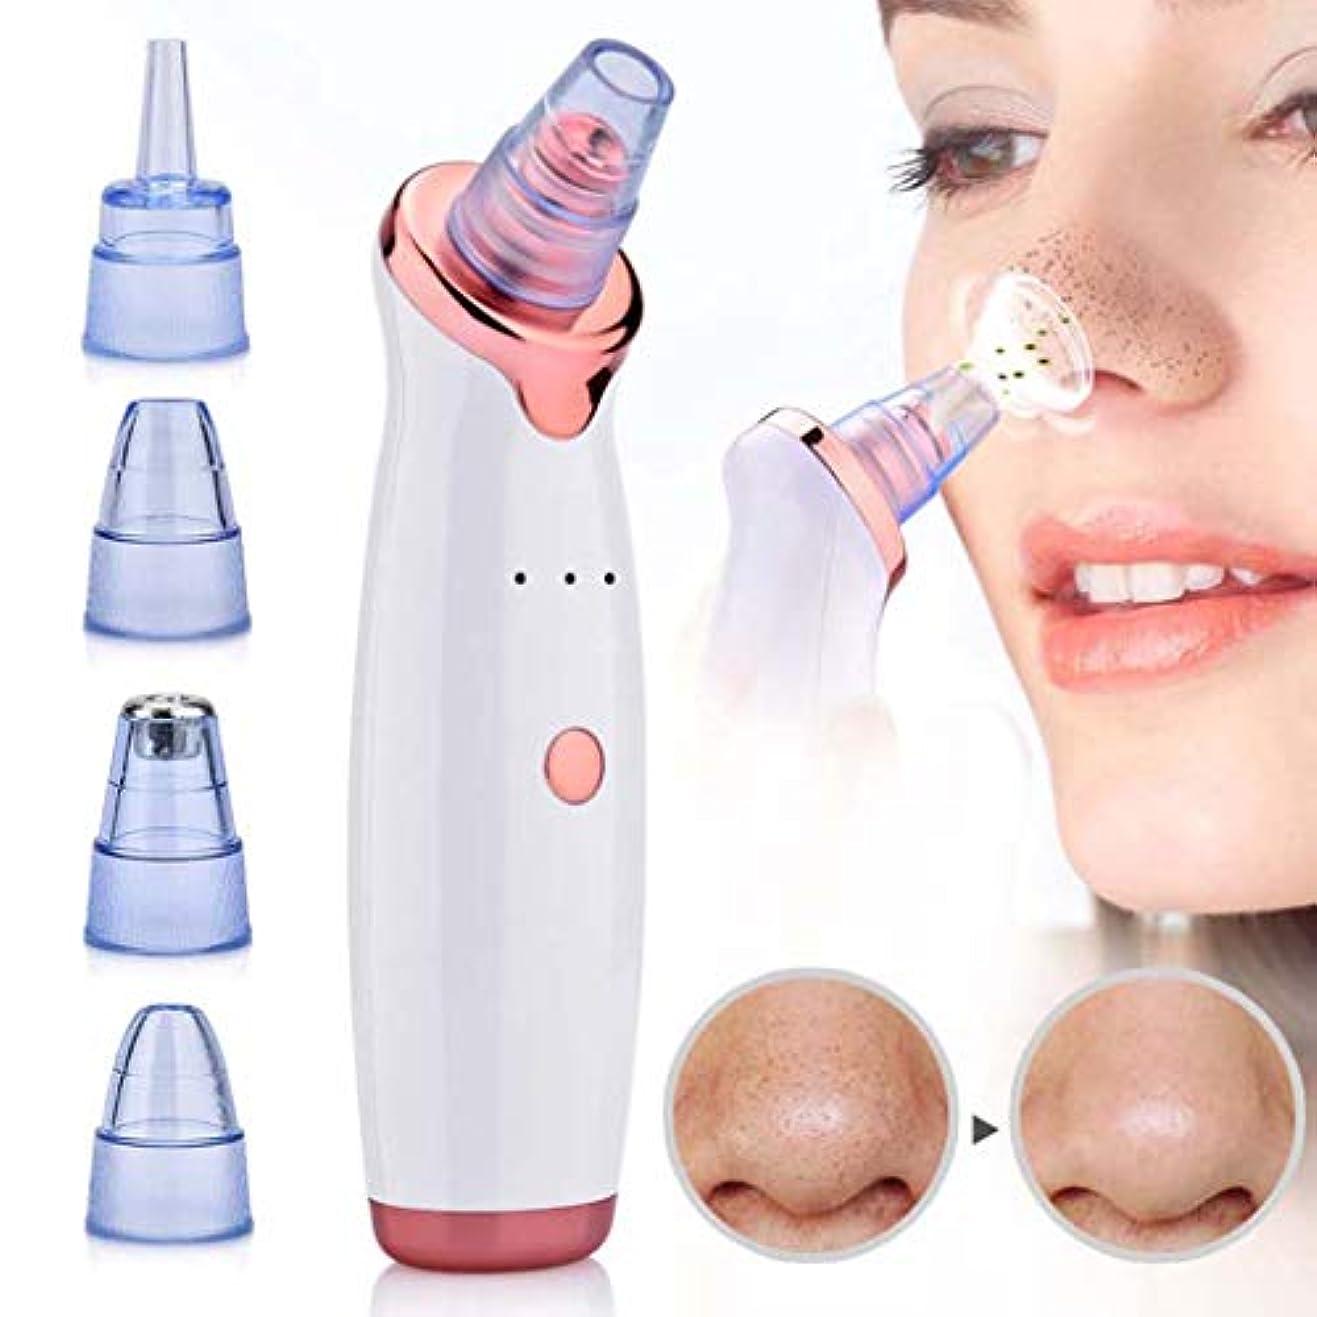 引く腫瘍月面電気にきび楽器USB充電式にきびリムーバー3スピードサクション耐摩耗性多機能顔面毛穴クリーナー